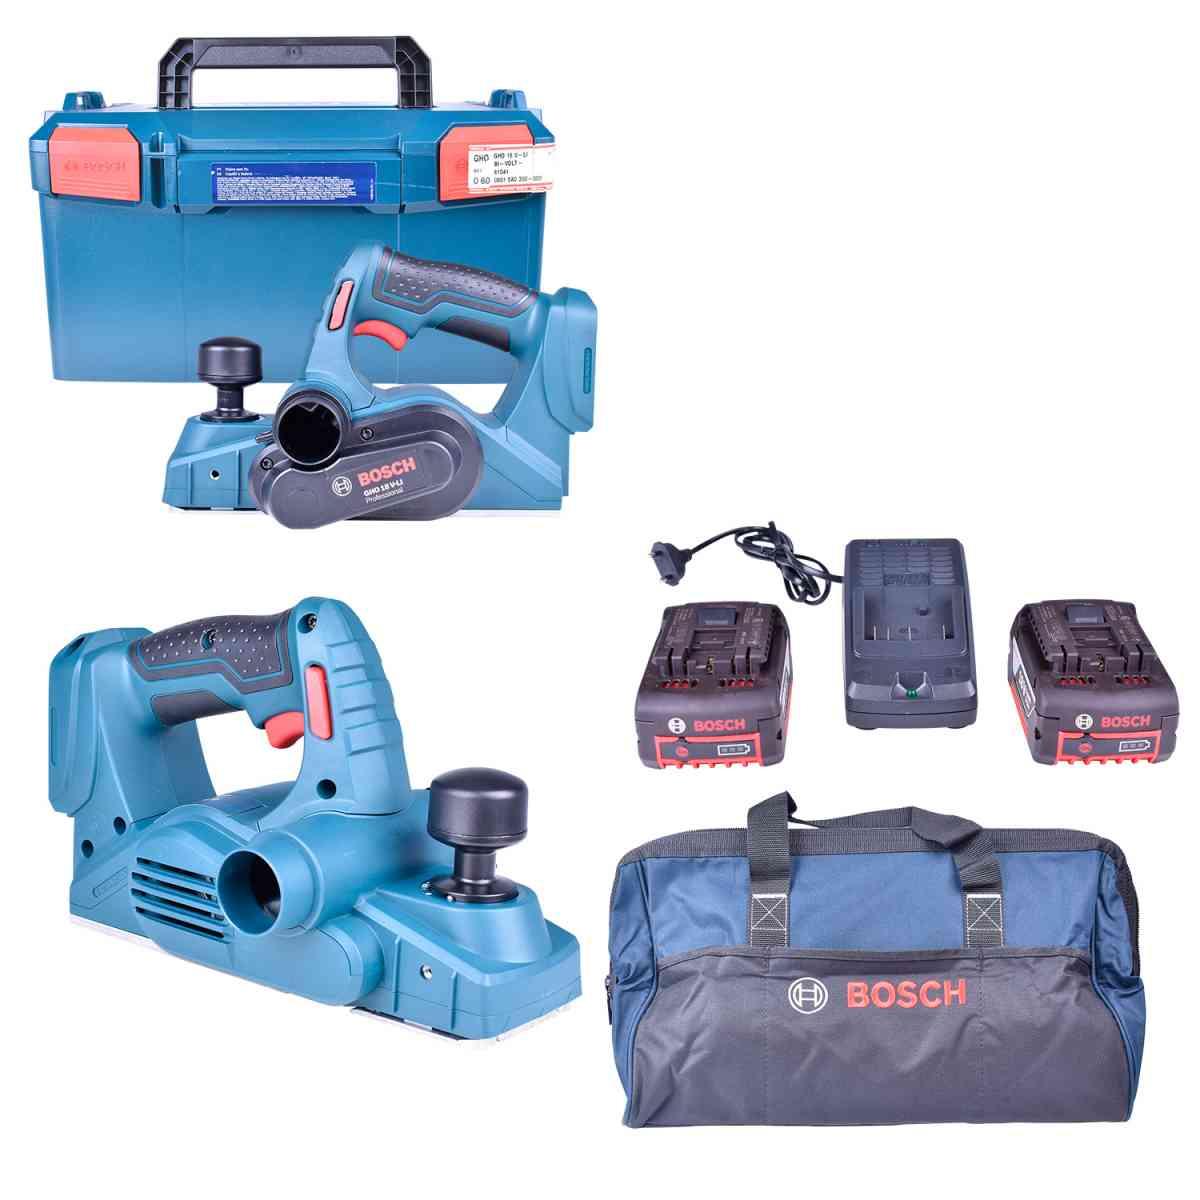 2 Plainas A Bateria Gho18V-Li + Carregador com 2 Baterias 18V + Bolsa Para Ferramentas Bosch